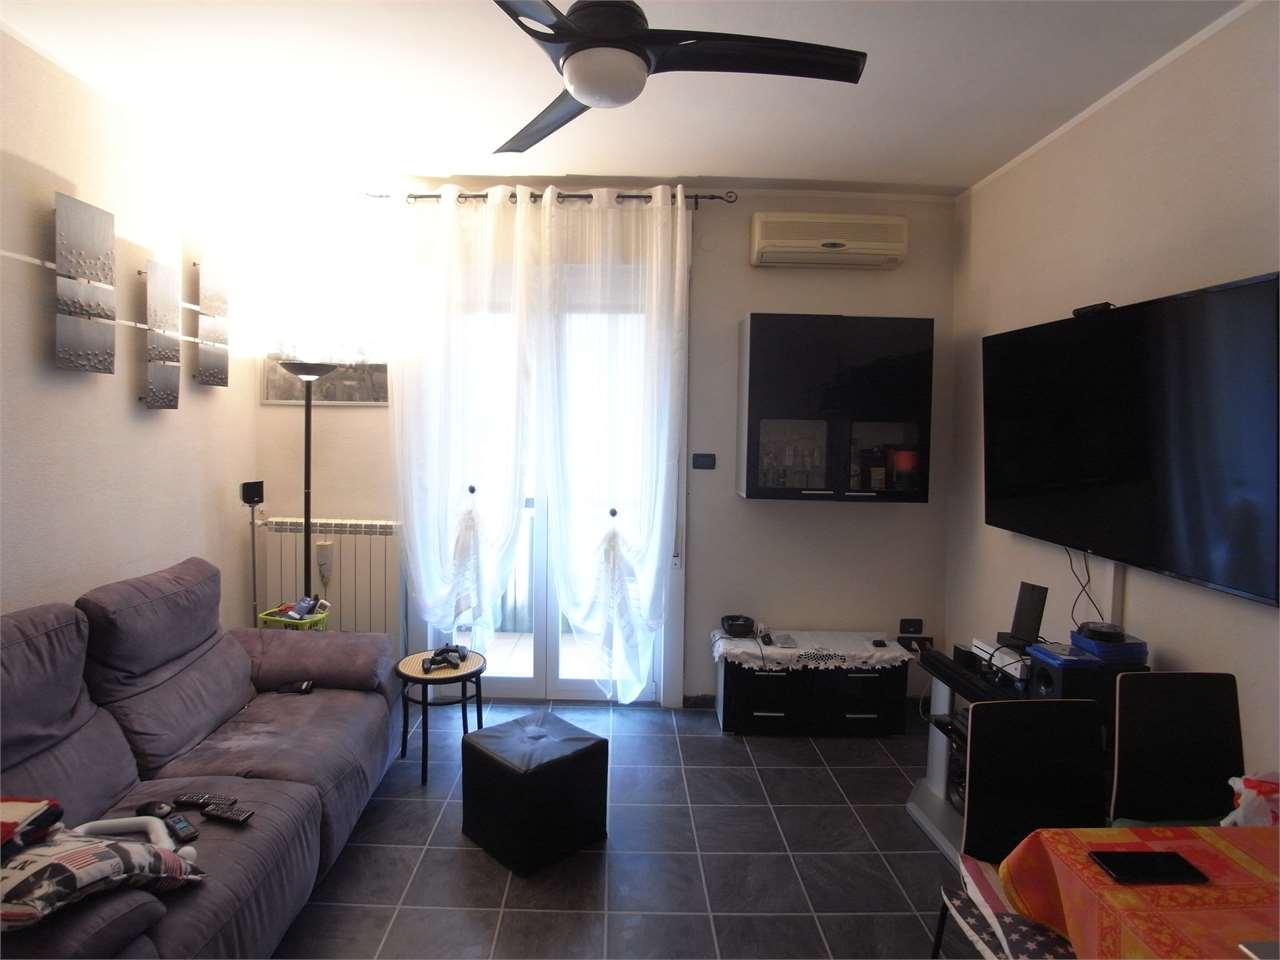 Appartamento in vendita a San Dorligo della Valle, 4 locali, zona Zona: Bagnoli della Rosandra, prezzo € 128.000 | CambioCasa.it